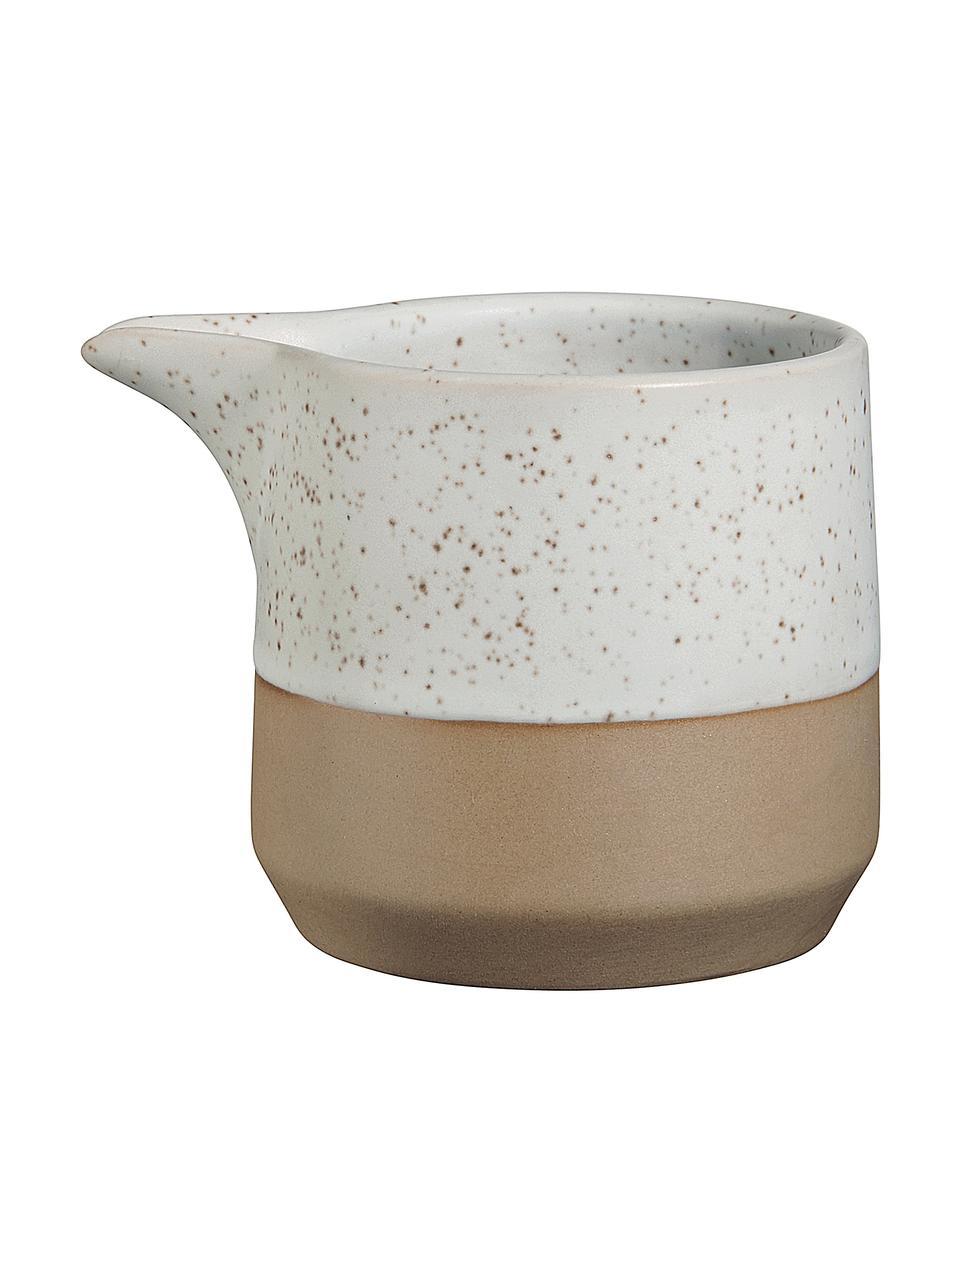 Dzbanek do mleka Caja, Kamionka, Beżowy, brązowy, Ø 9 x W 7 cm